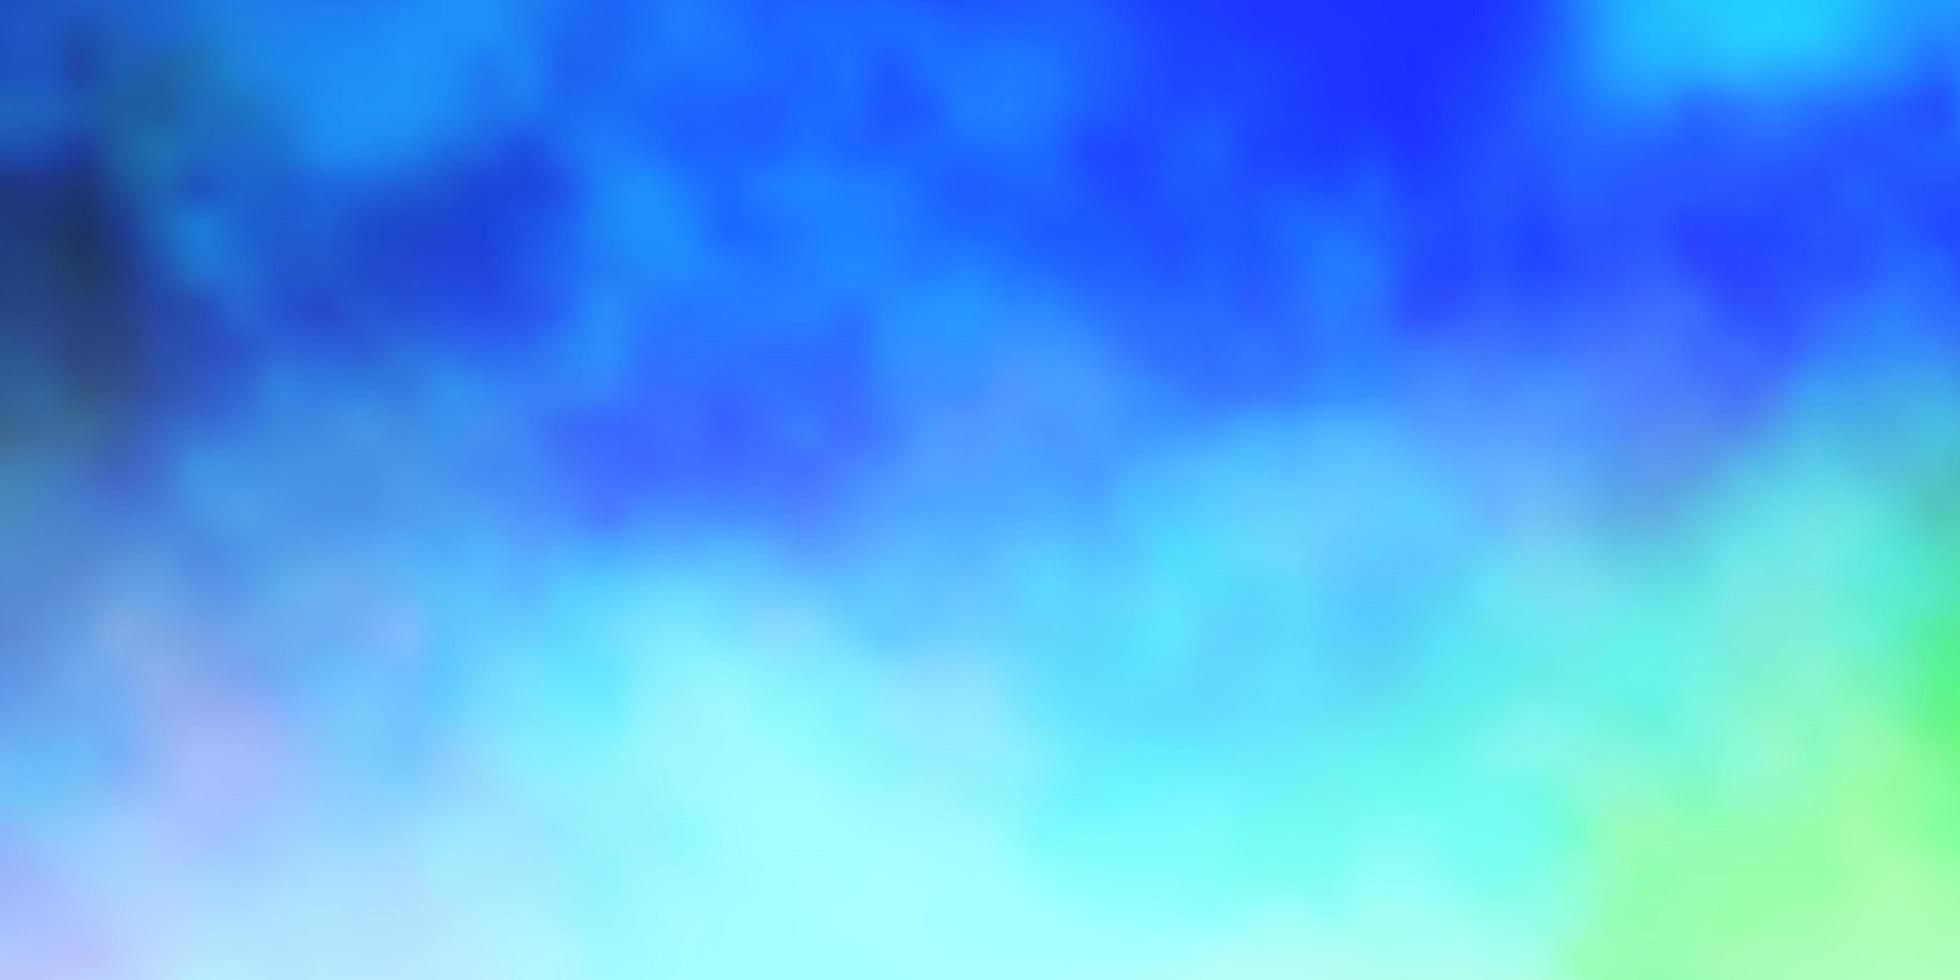 ljusblå, grön vektorlayout med molnlandskap. vektor